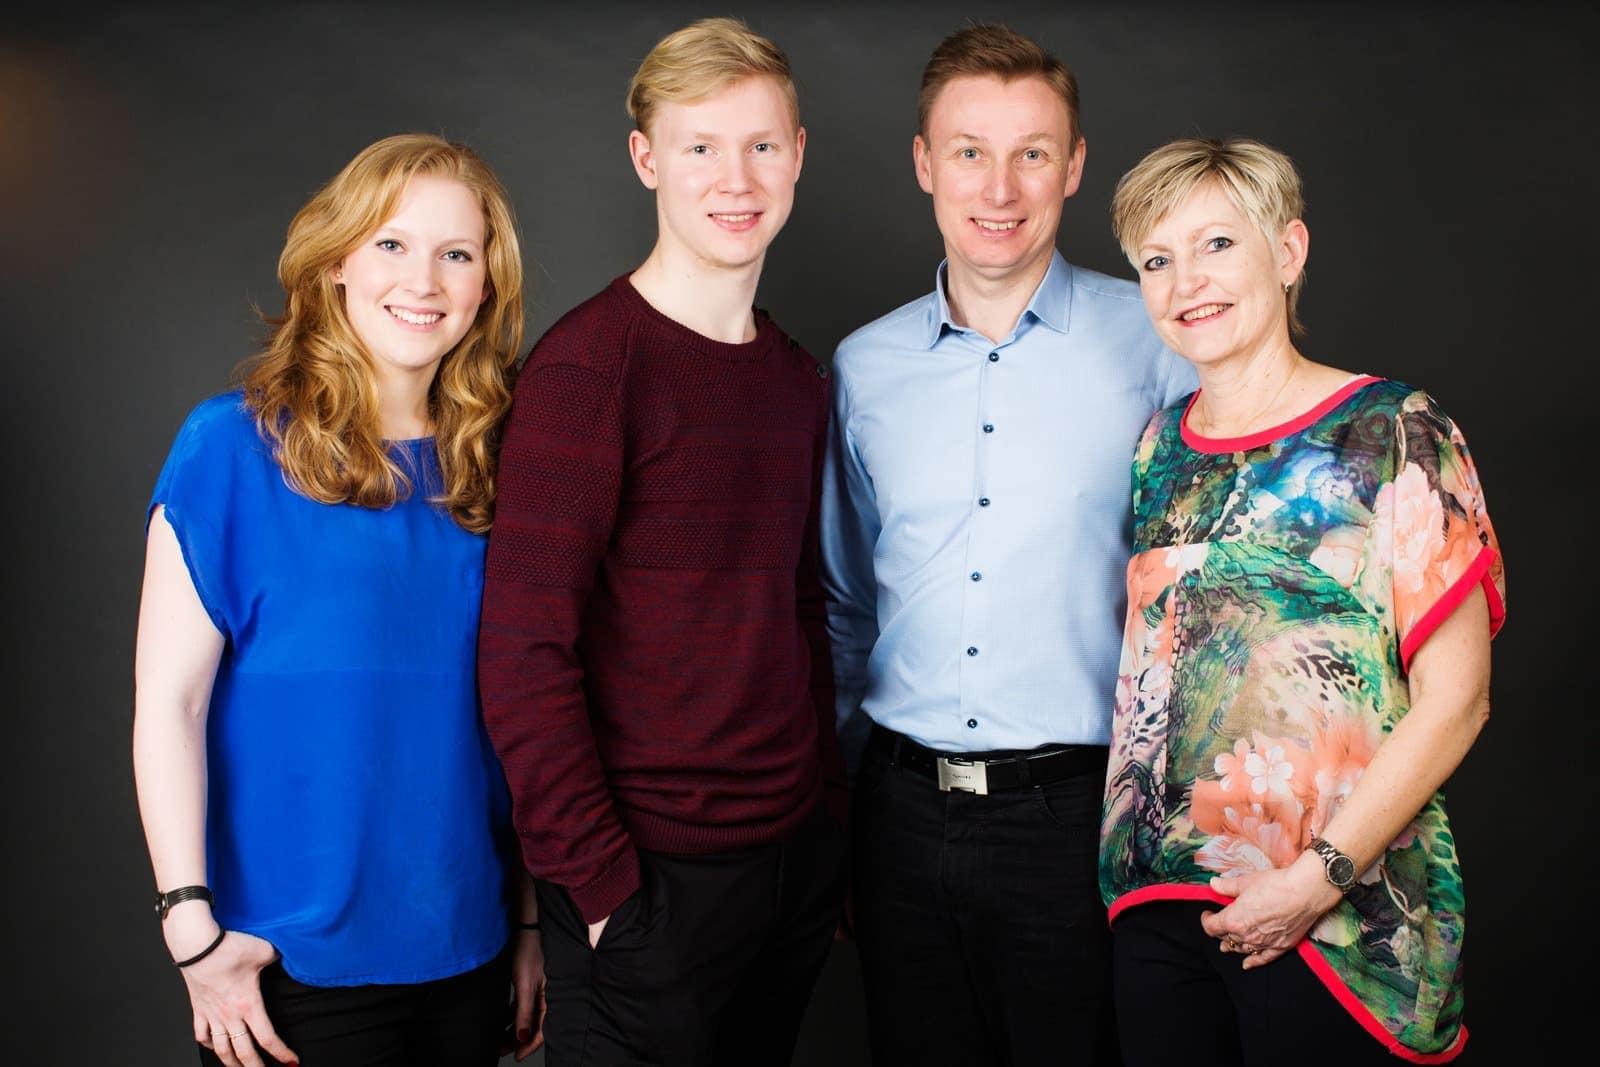 Familiebillede - familieportræt